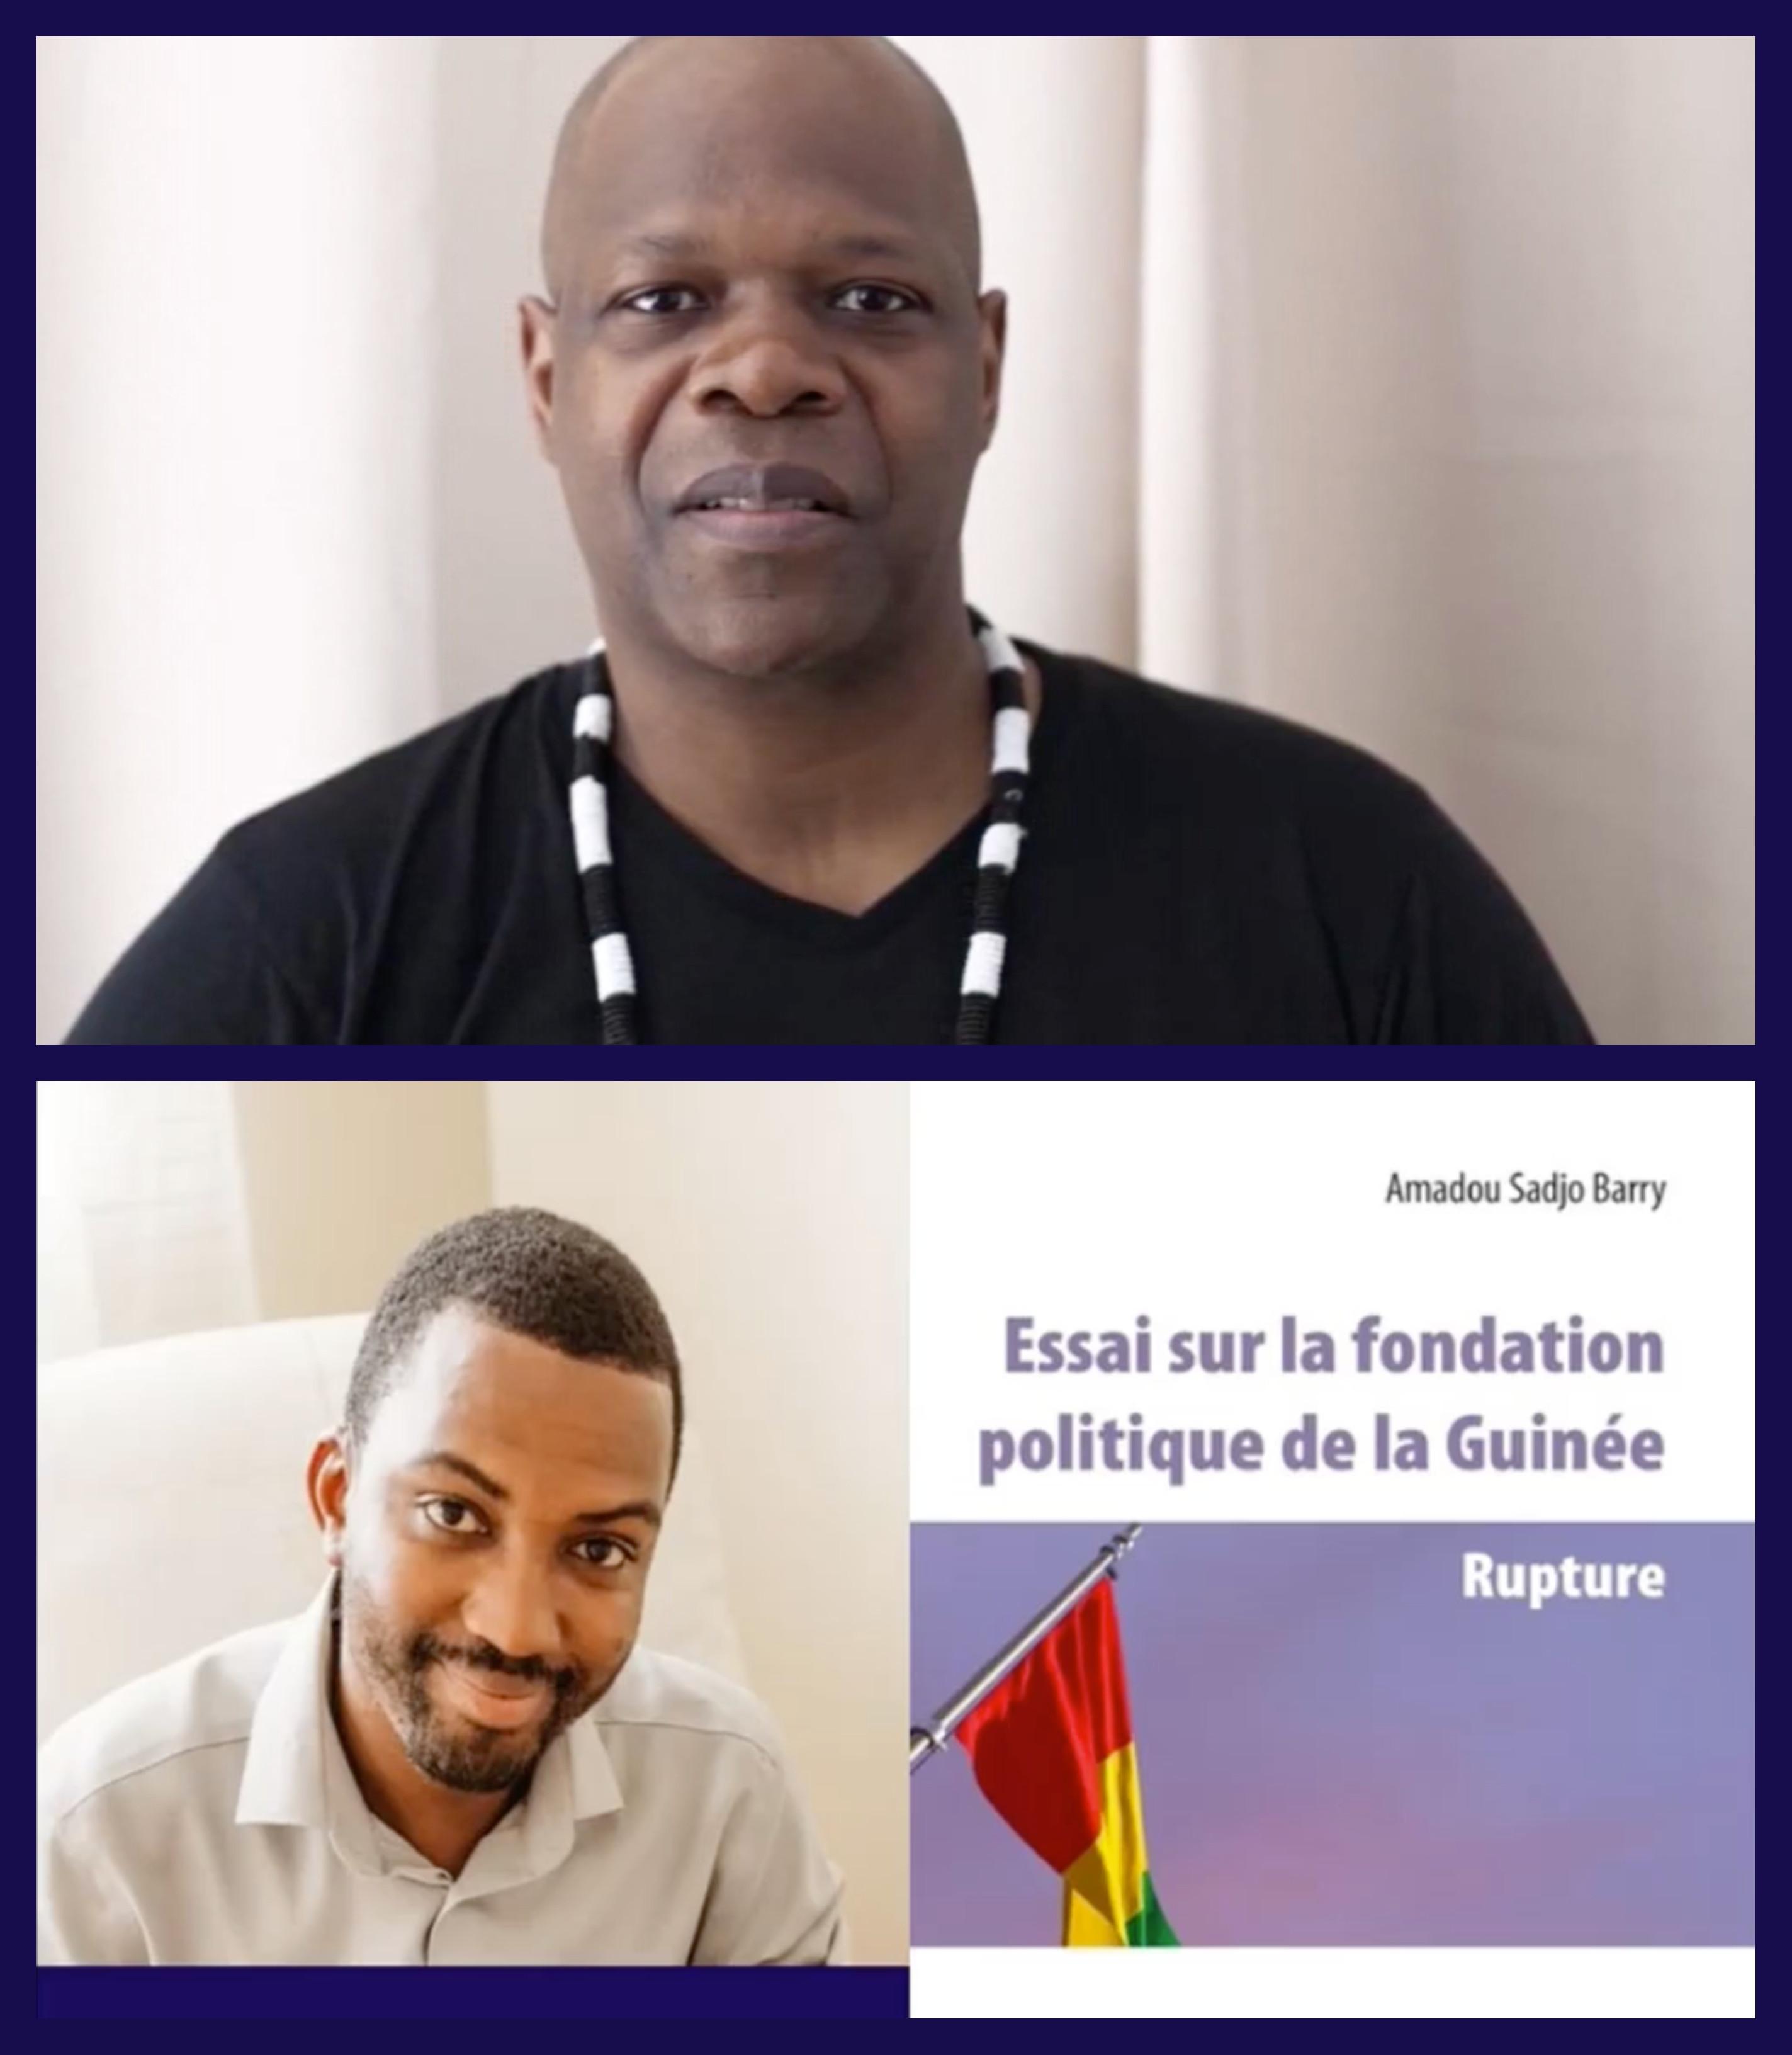 Émission du 13 septembre 2021 : Actualité en Guinée & le racisme anti-noir dans le système scolaire